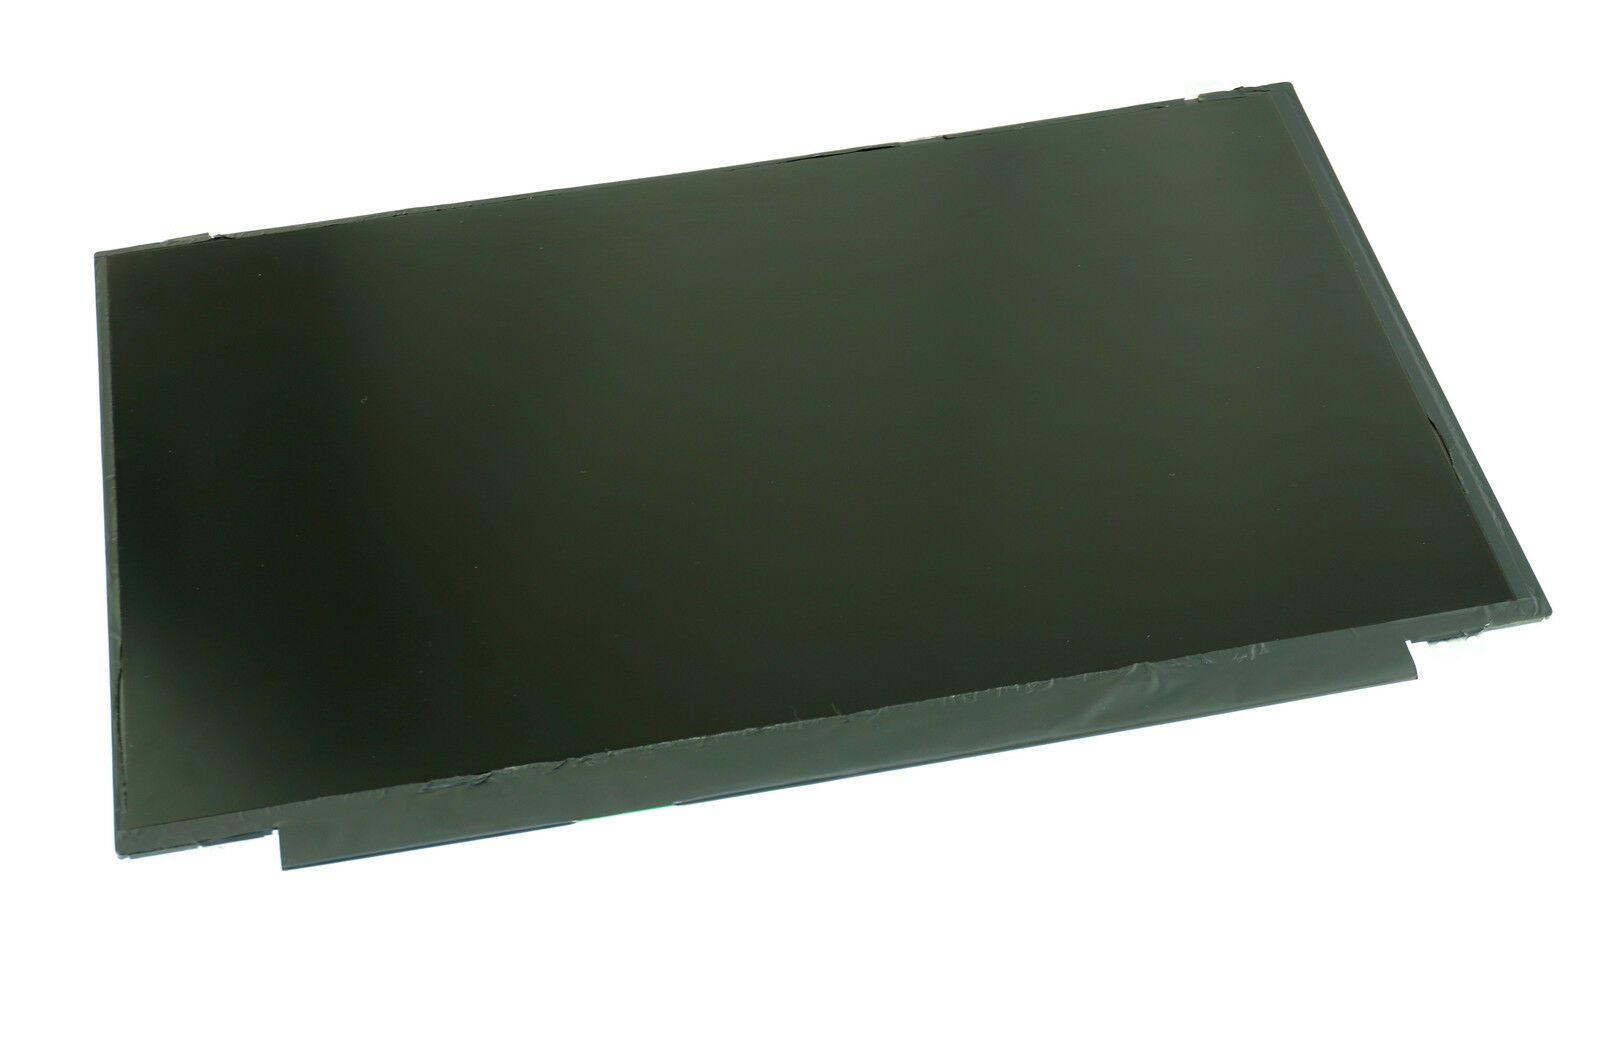 Tela LED SLim 15,6